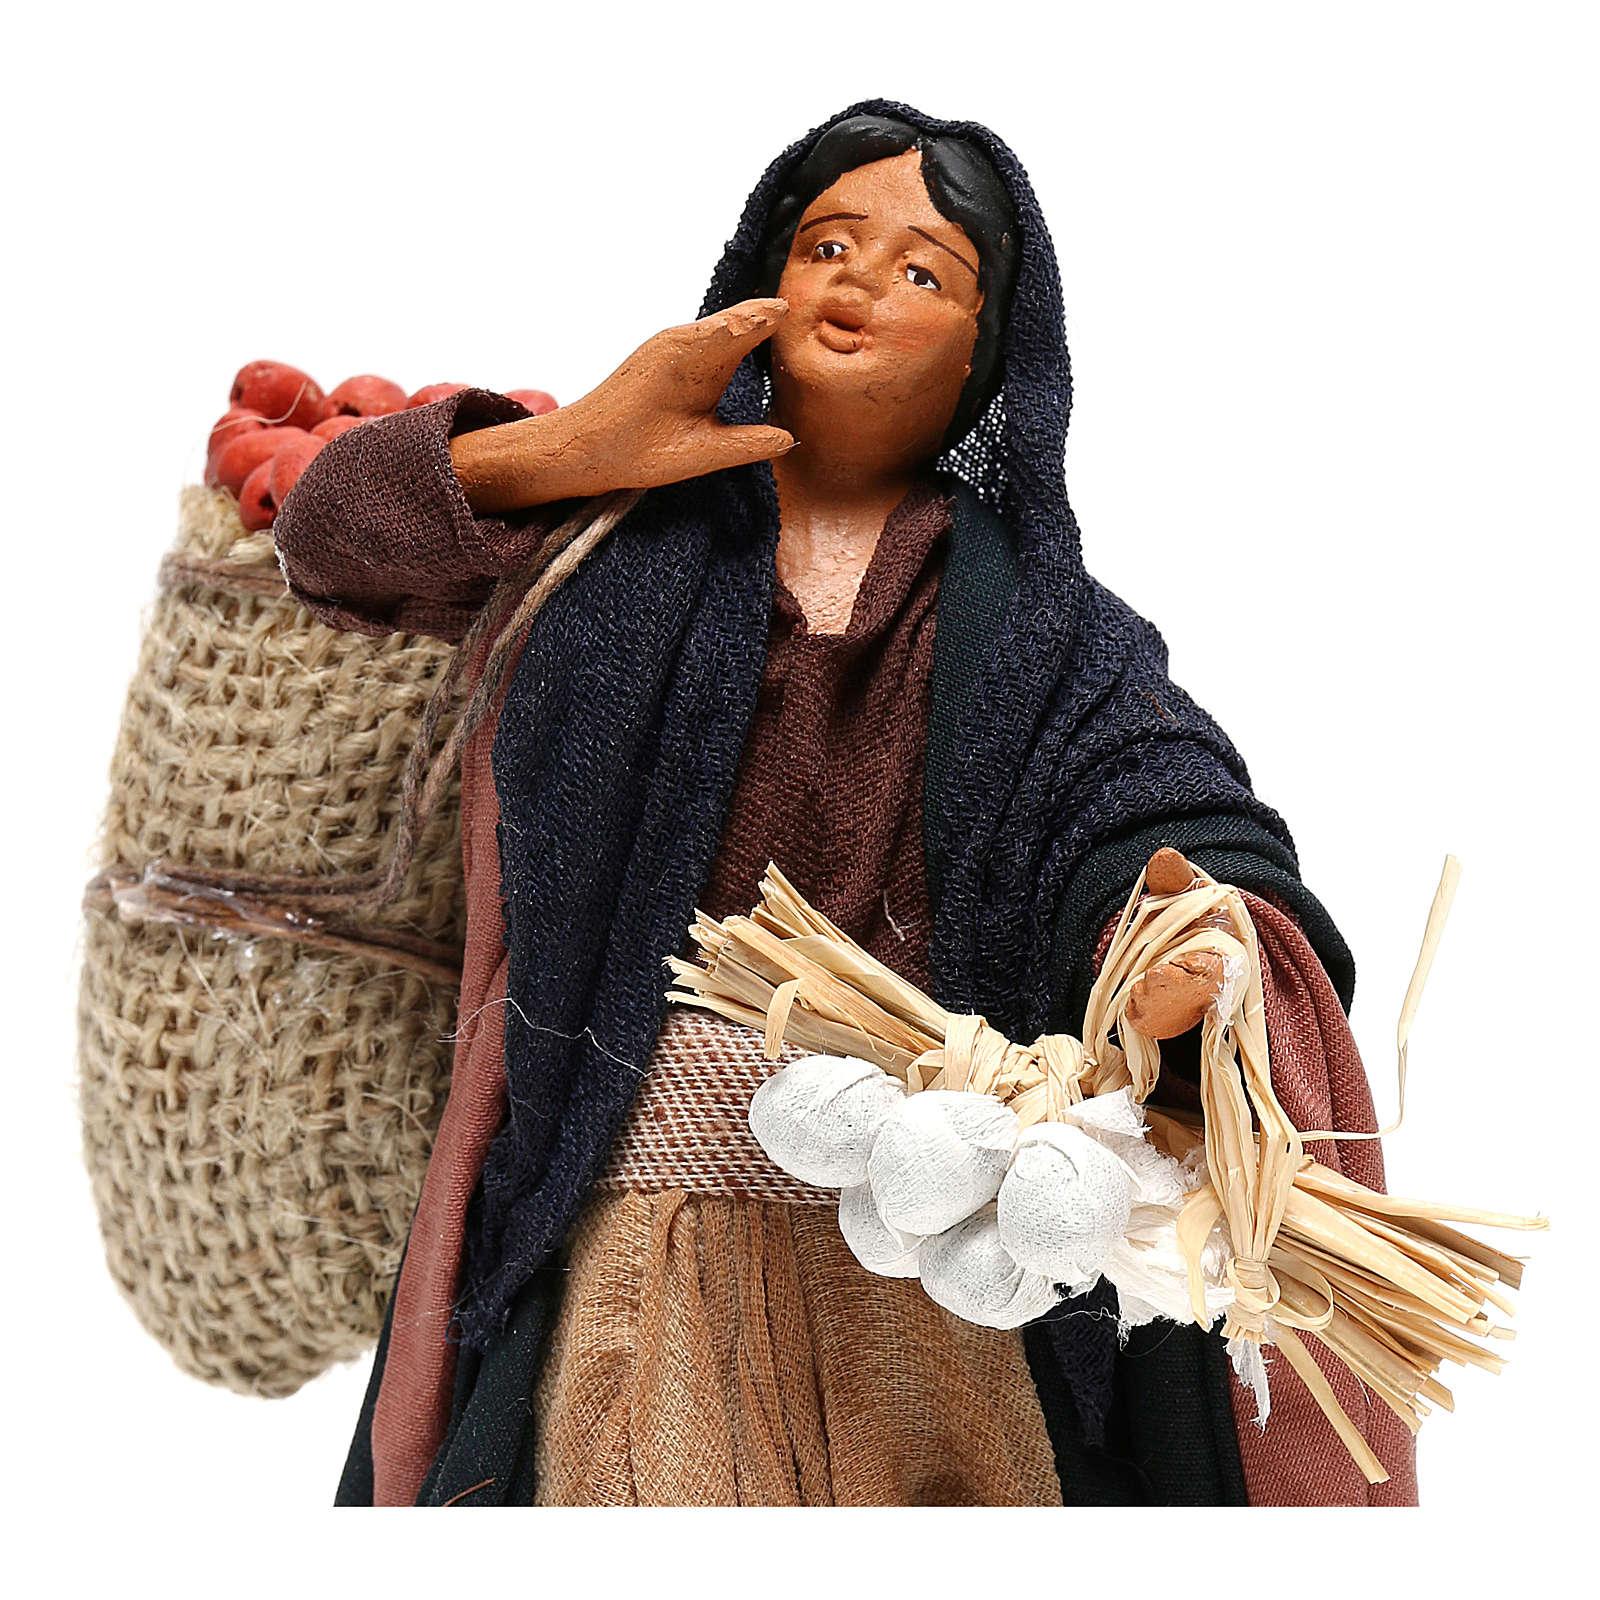 Mujer saco manzanas y tronco en mano 14 cm belén Nápoles 4